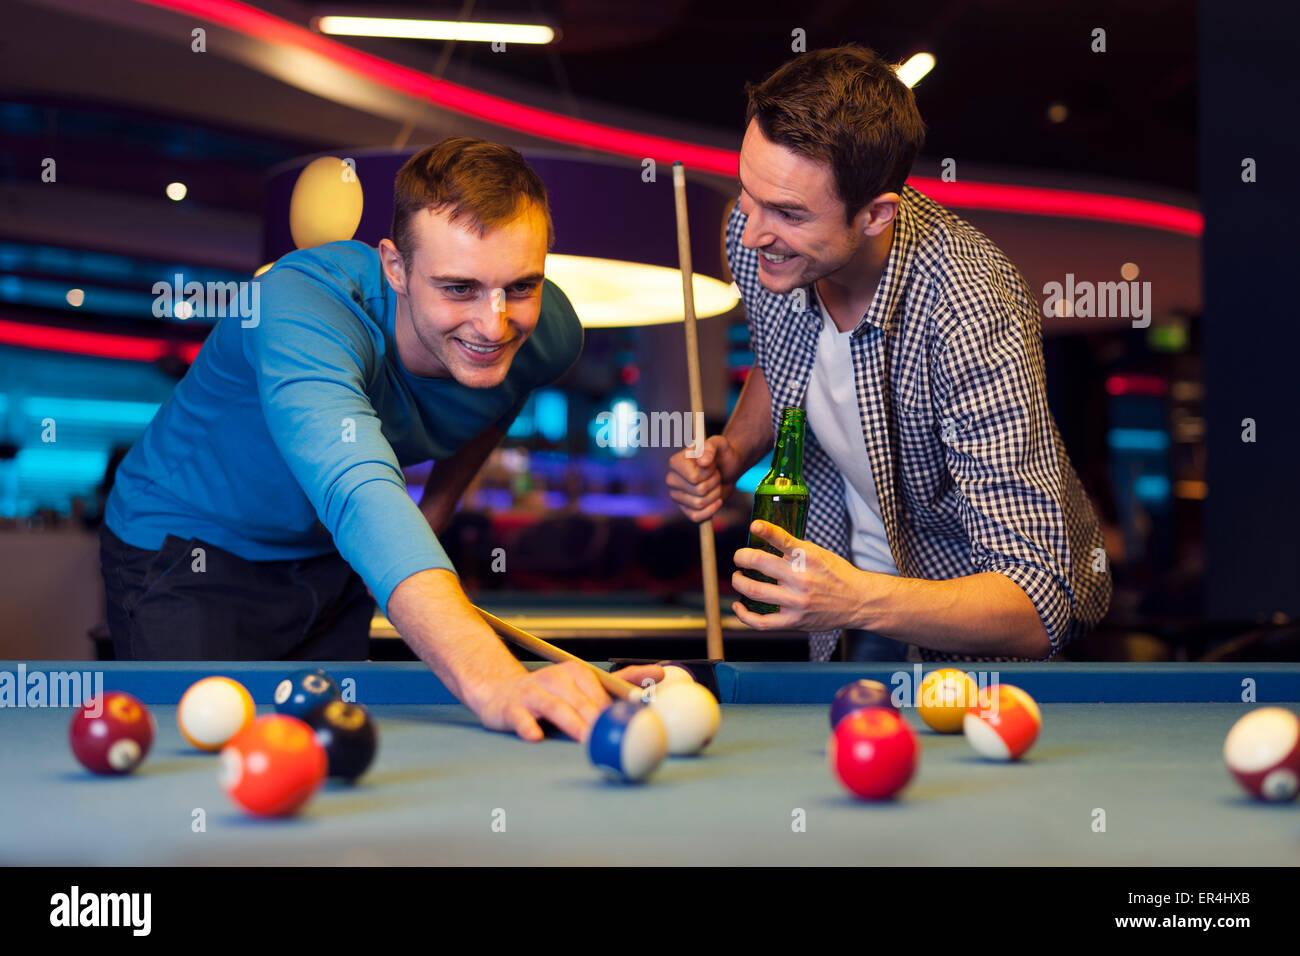 Freunden in einer Bar Billard spielen Stockbild